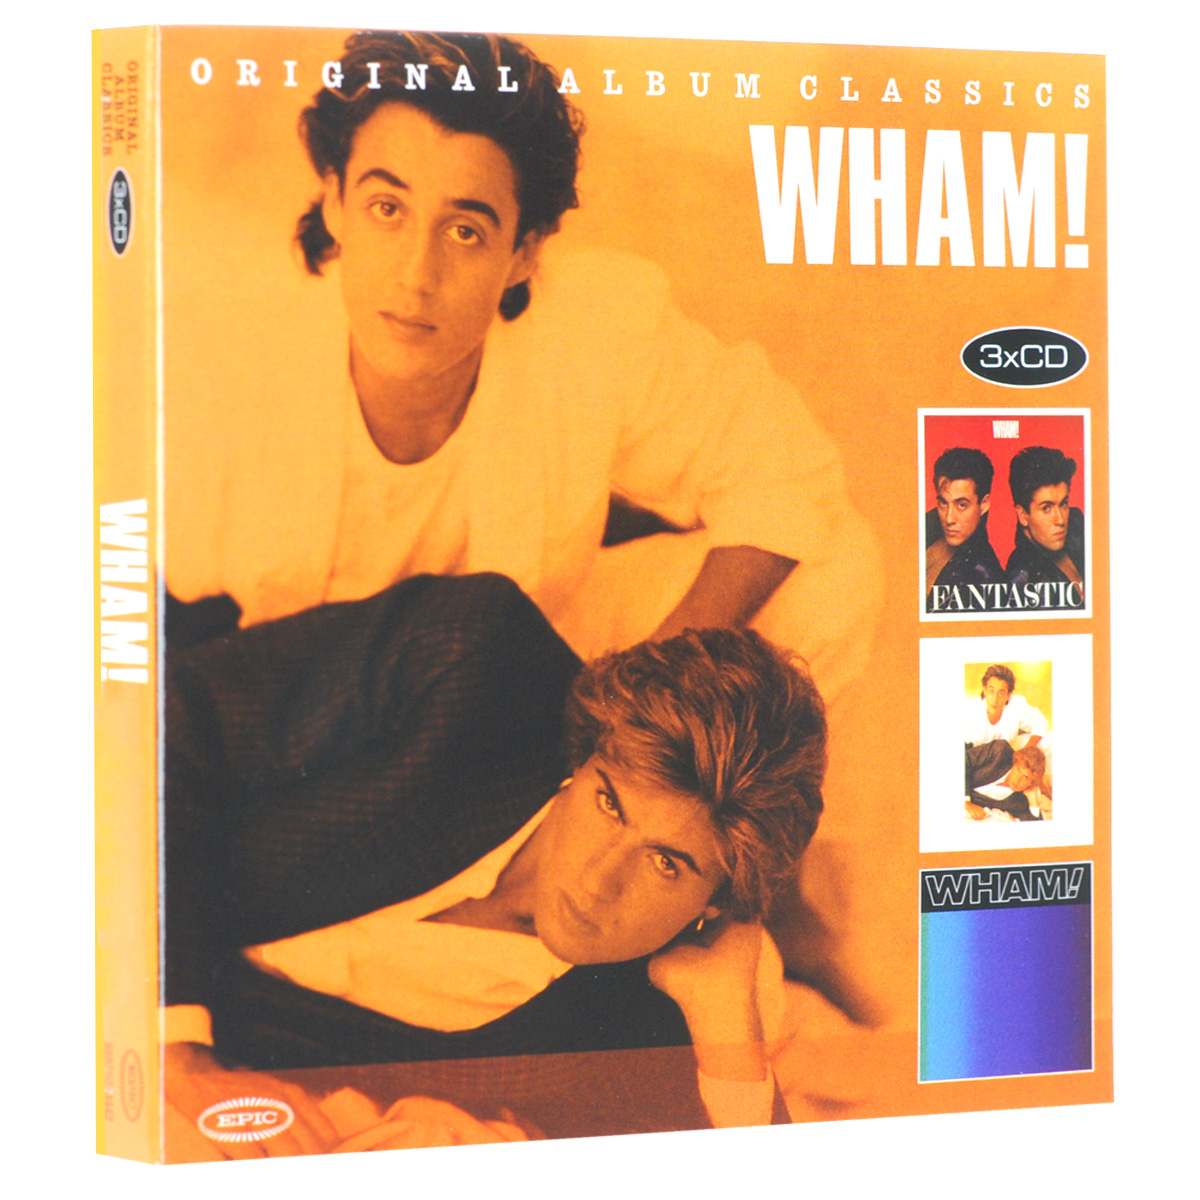 Wham! Original Album Classics (3 CD)